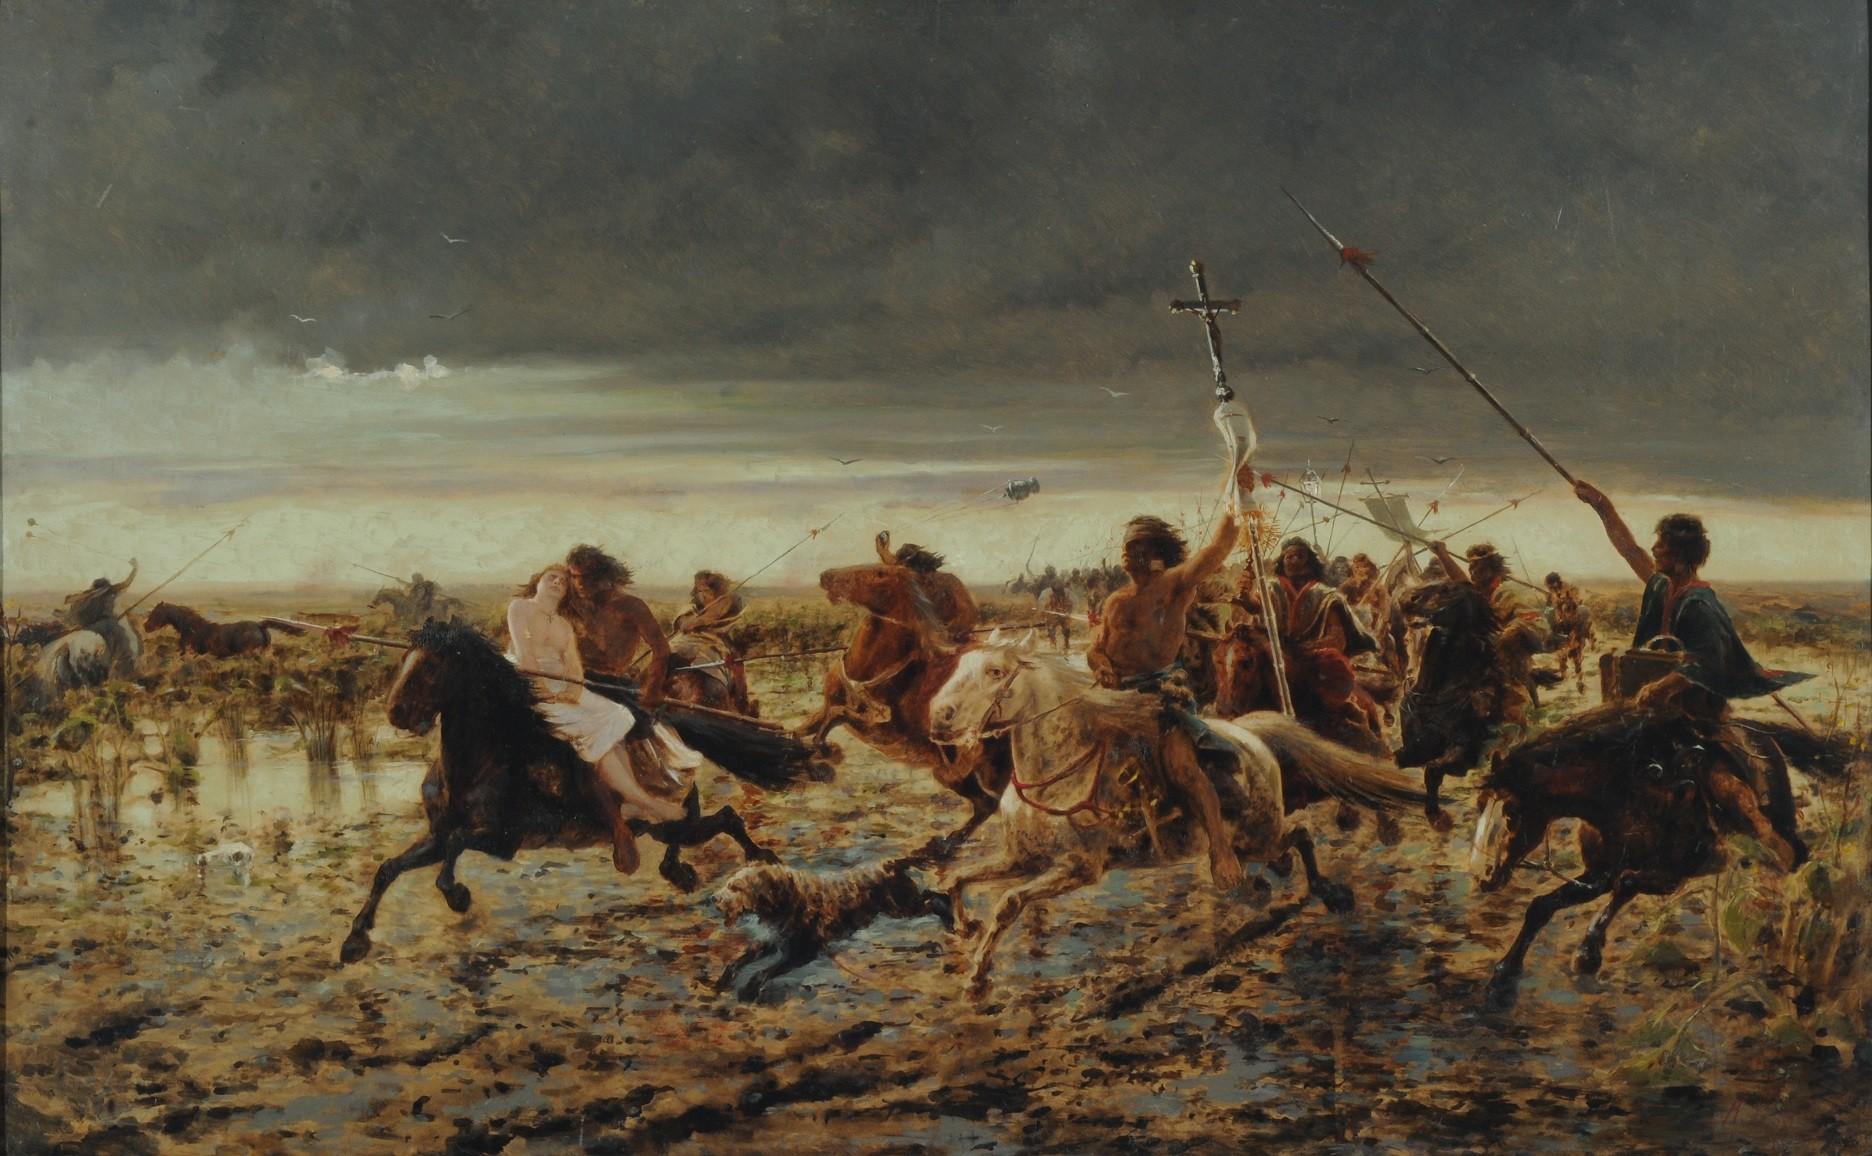 Crónica de la Araucanía rebelde